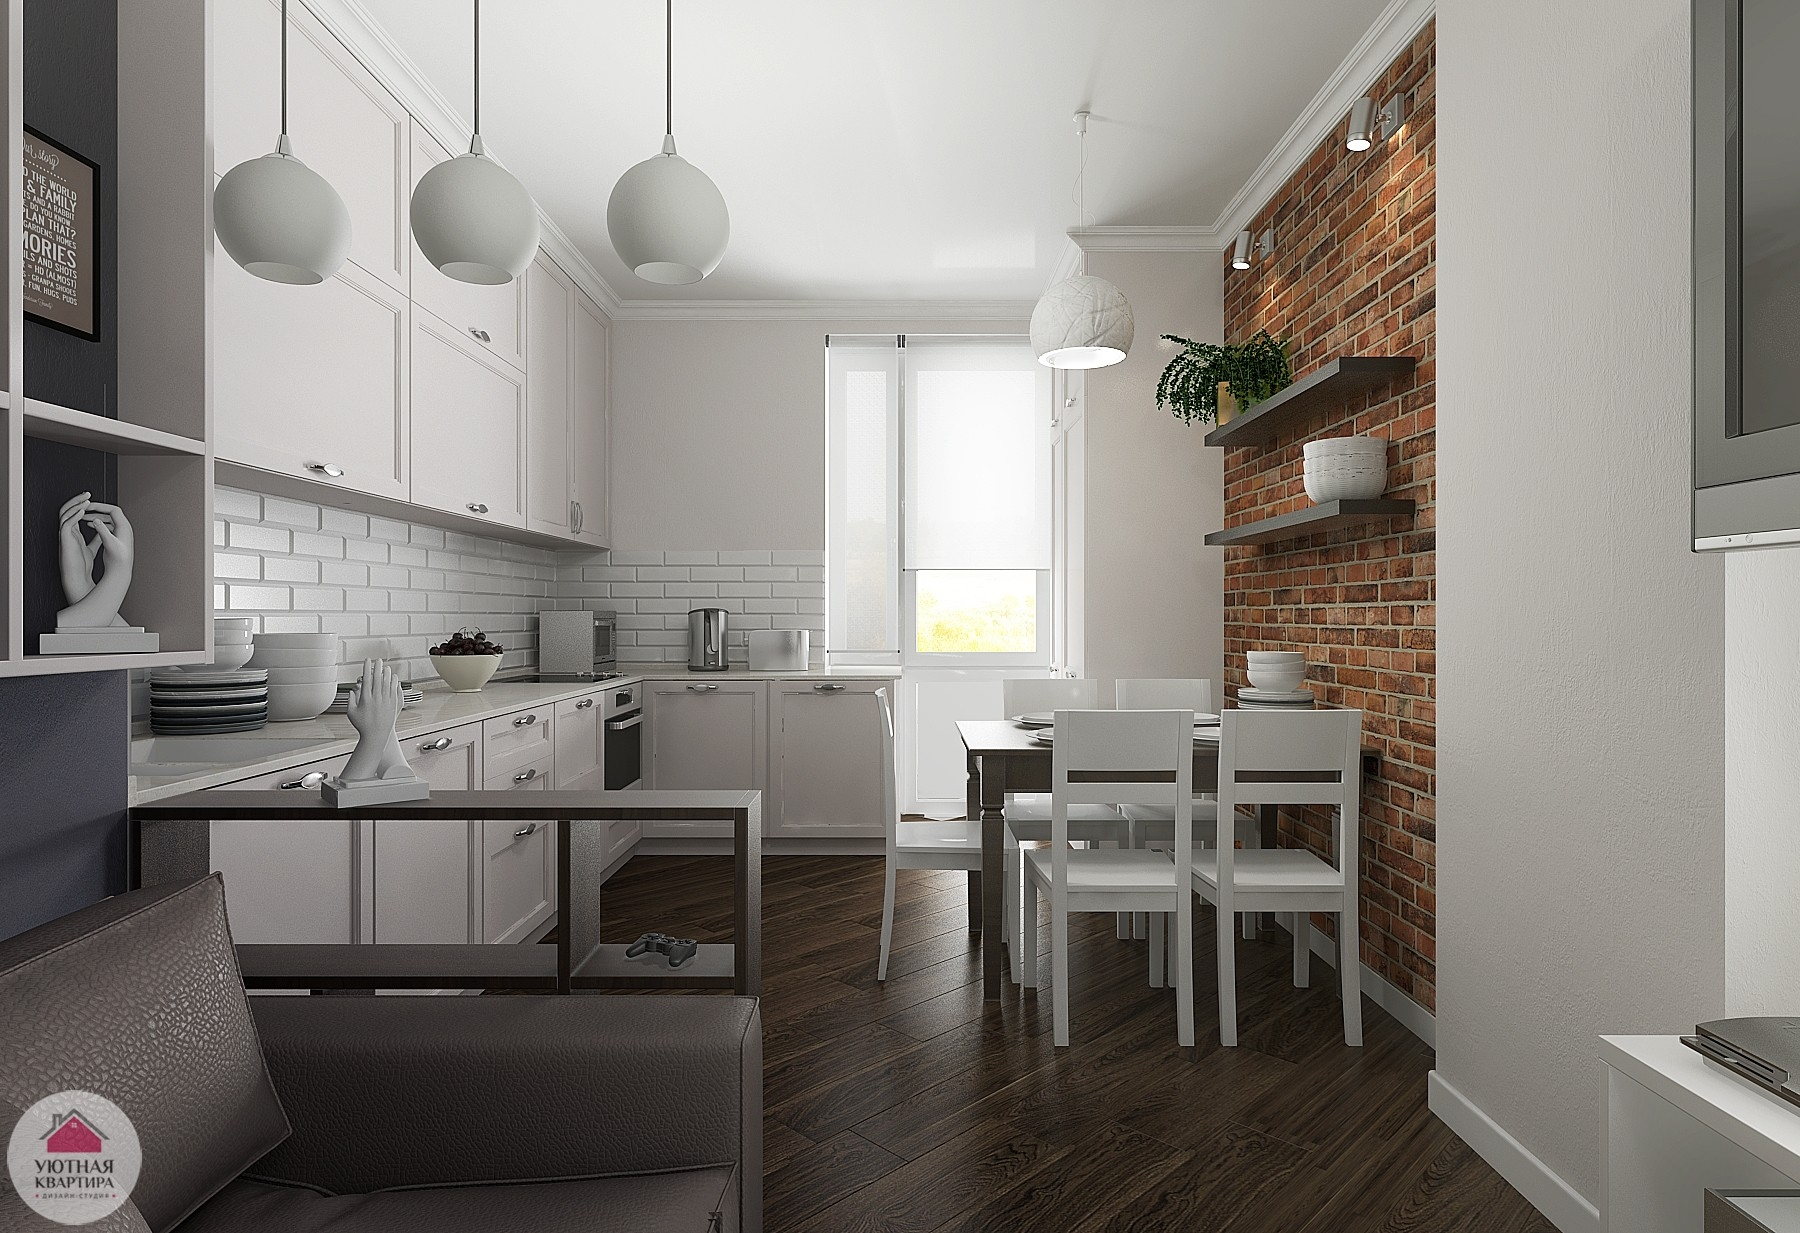 Кирпичная кладка в обеденной зоне внесет долю расслабленности в белый интерьер кухни столовой